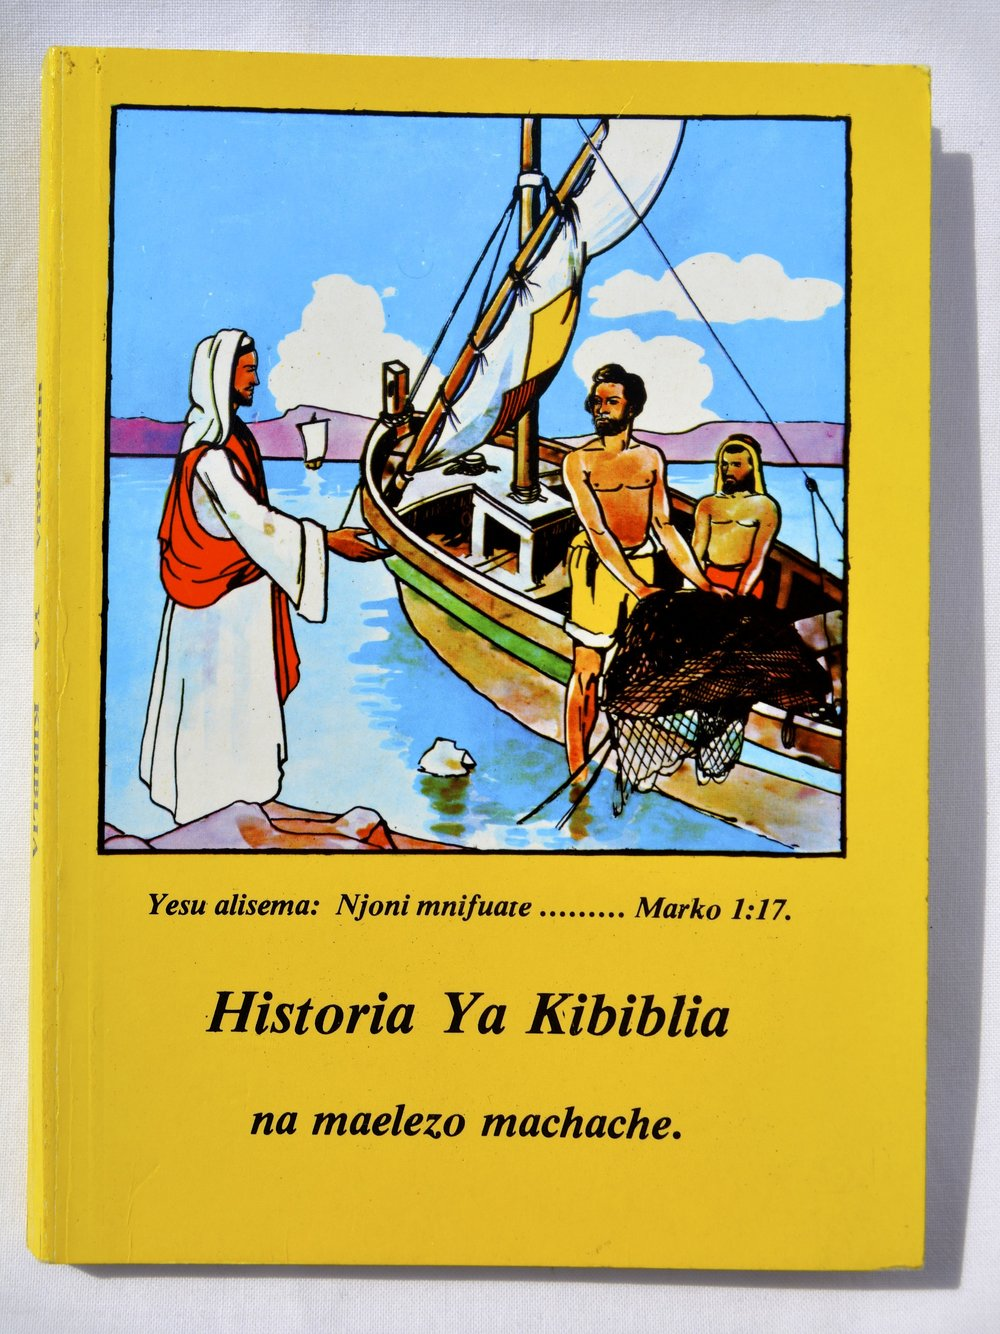 Historia Ya Kibiblia.jpg